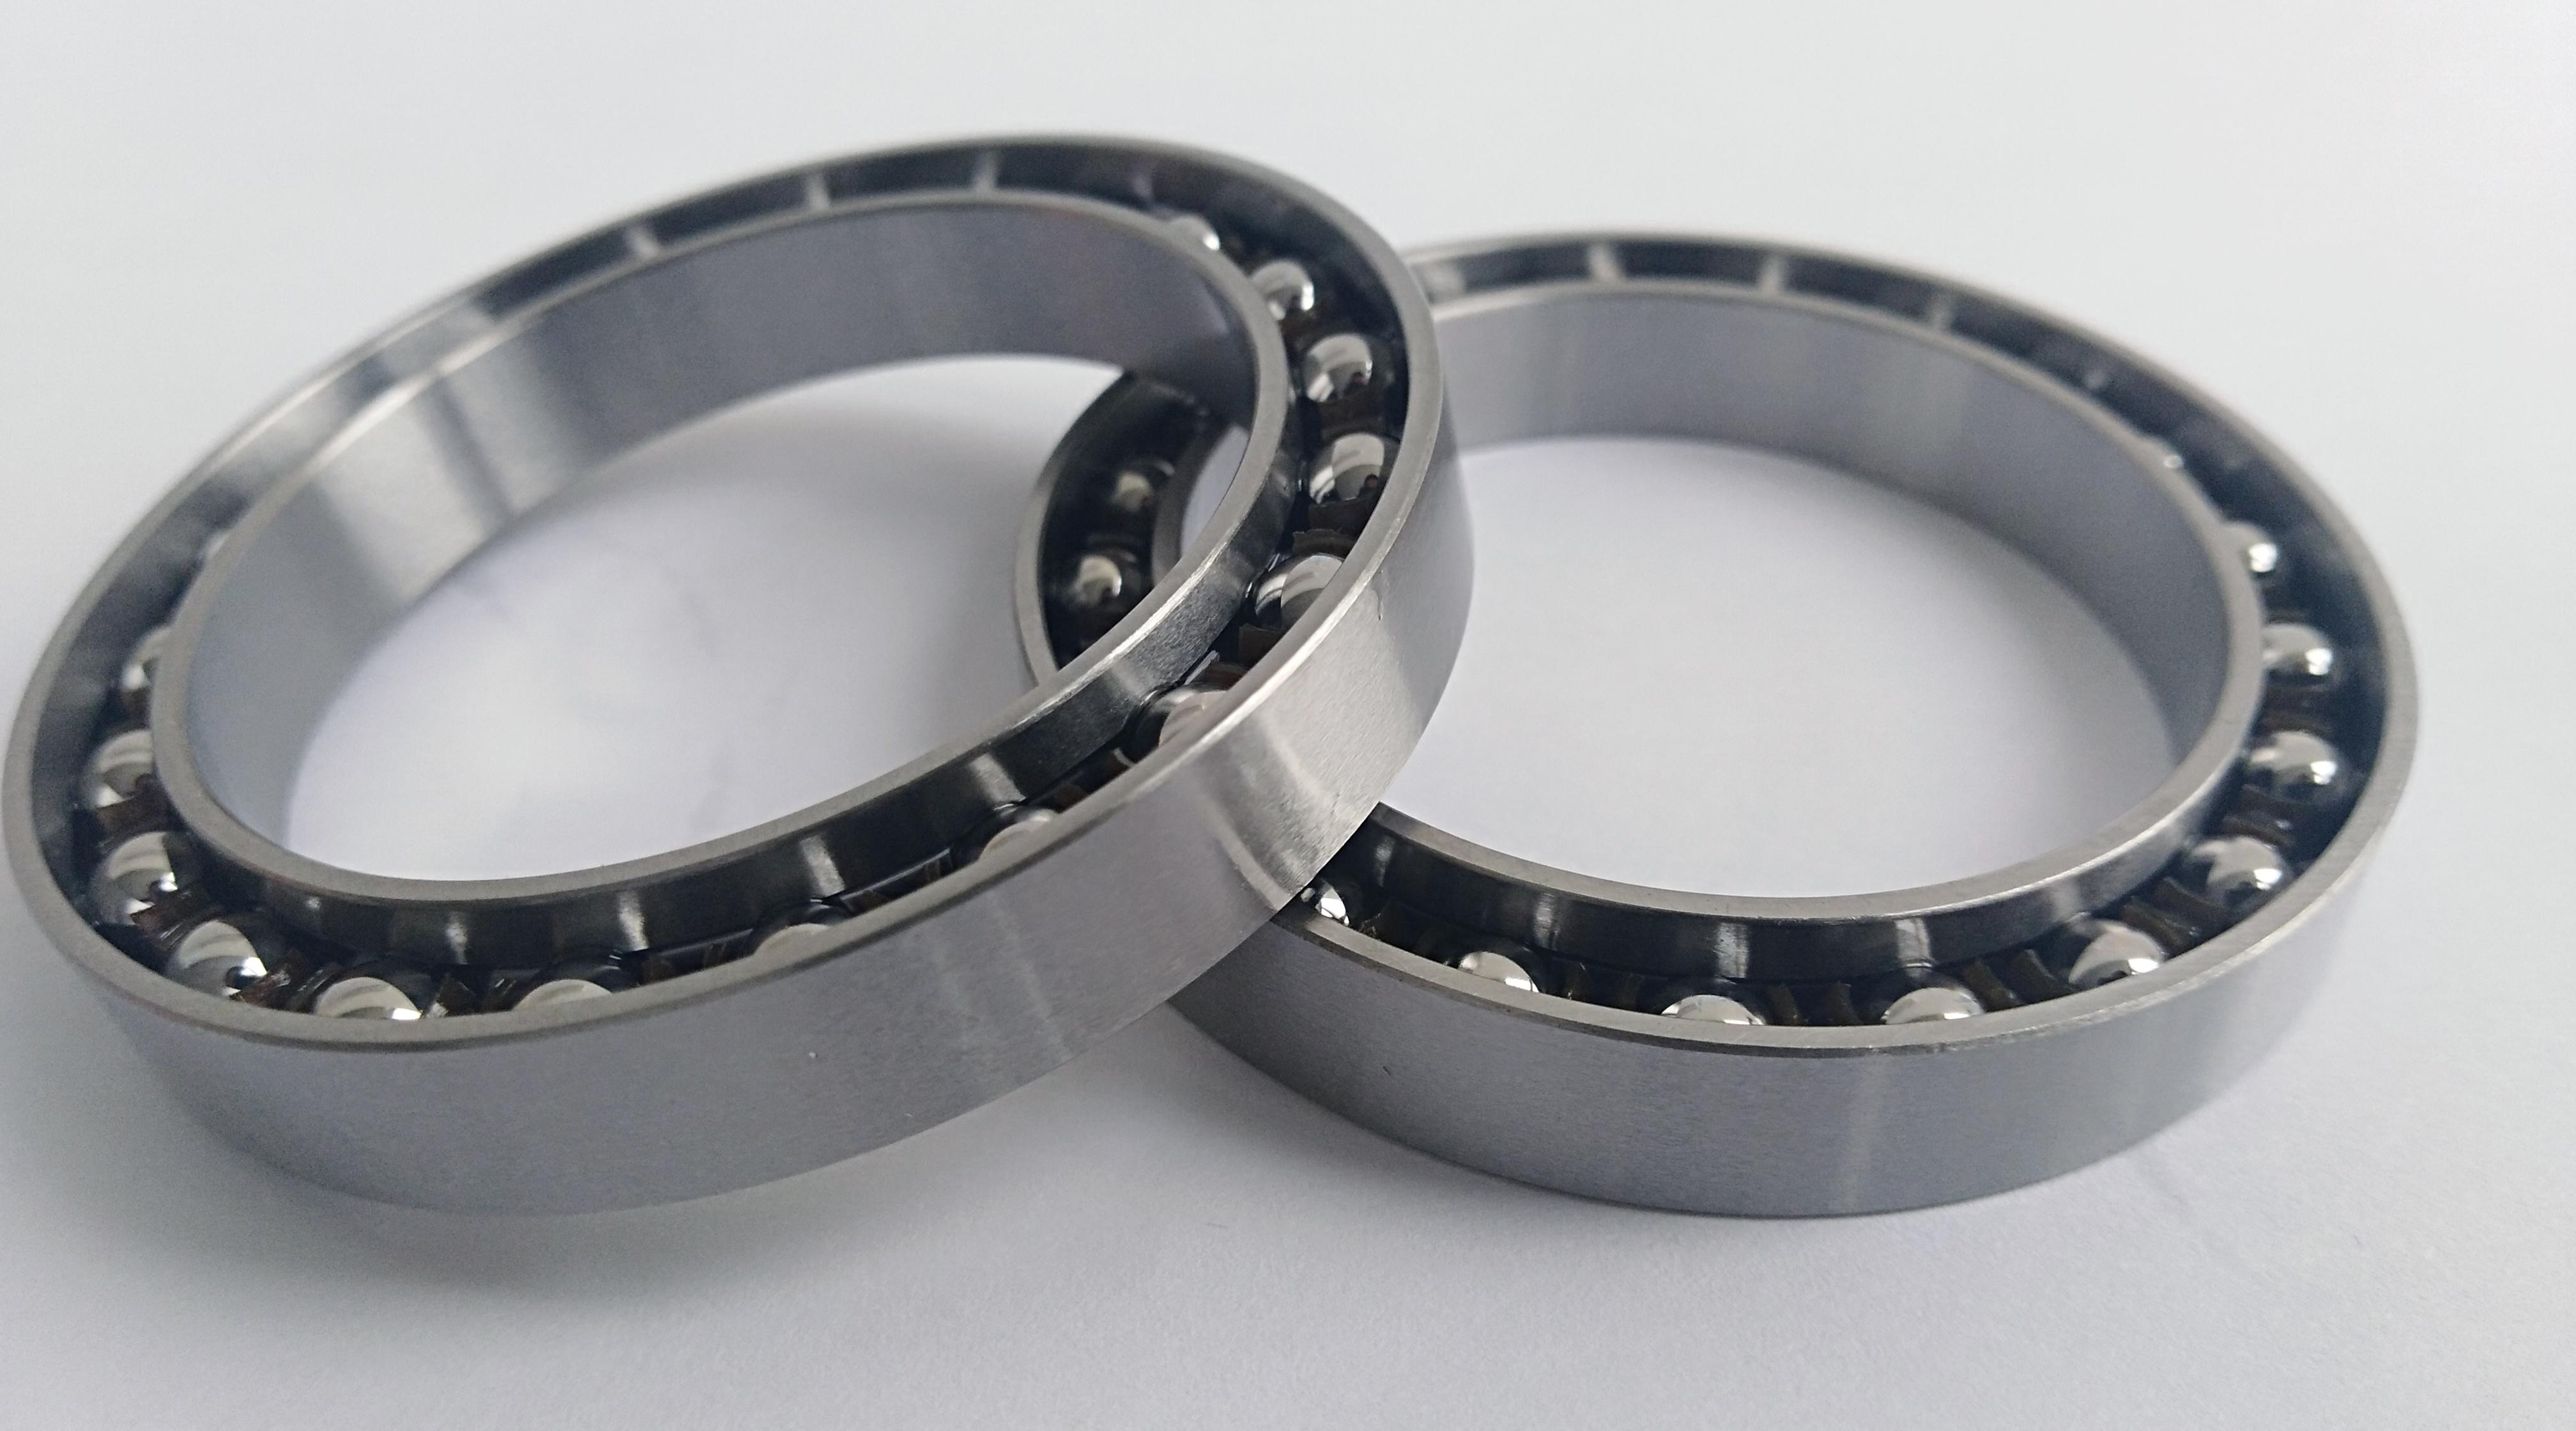 φ49.06*35.55*7.2/8.1 mm Flexible bearings for harmonic drive reducer